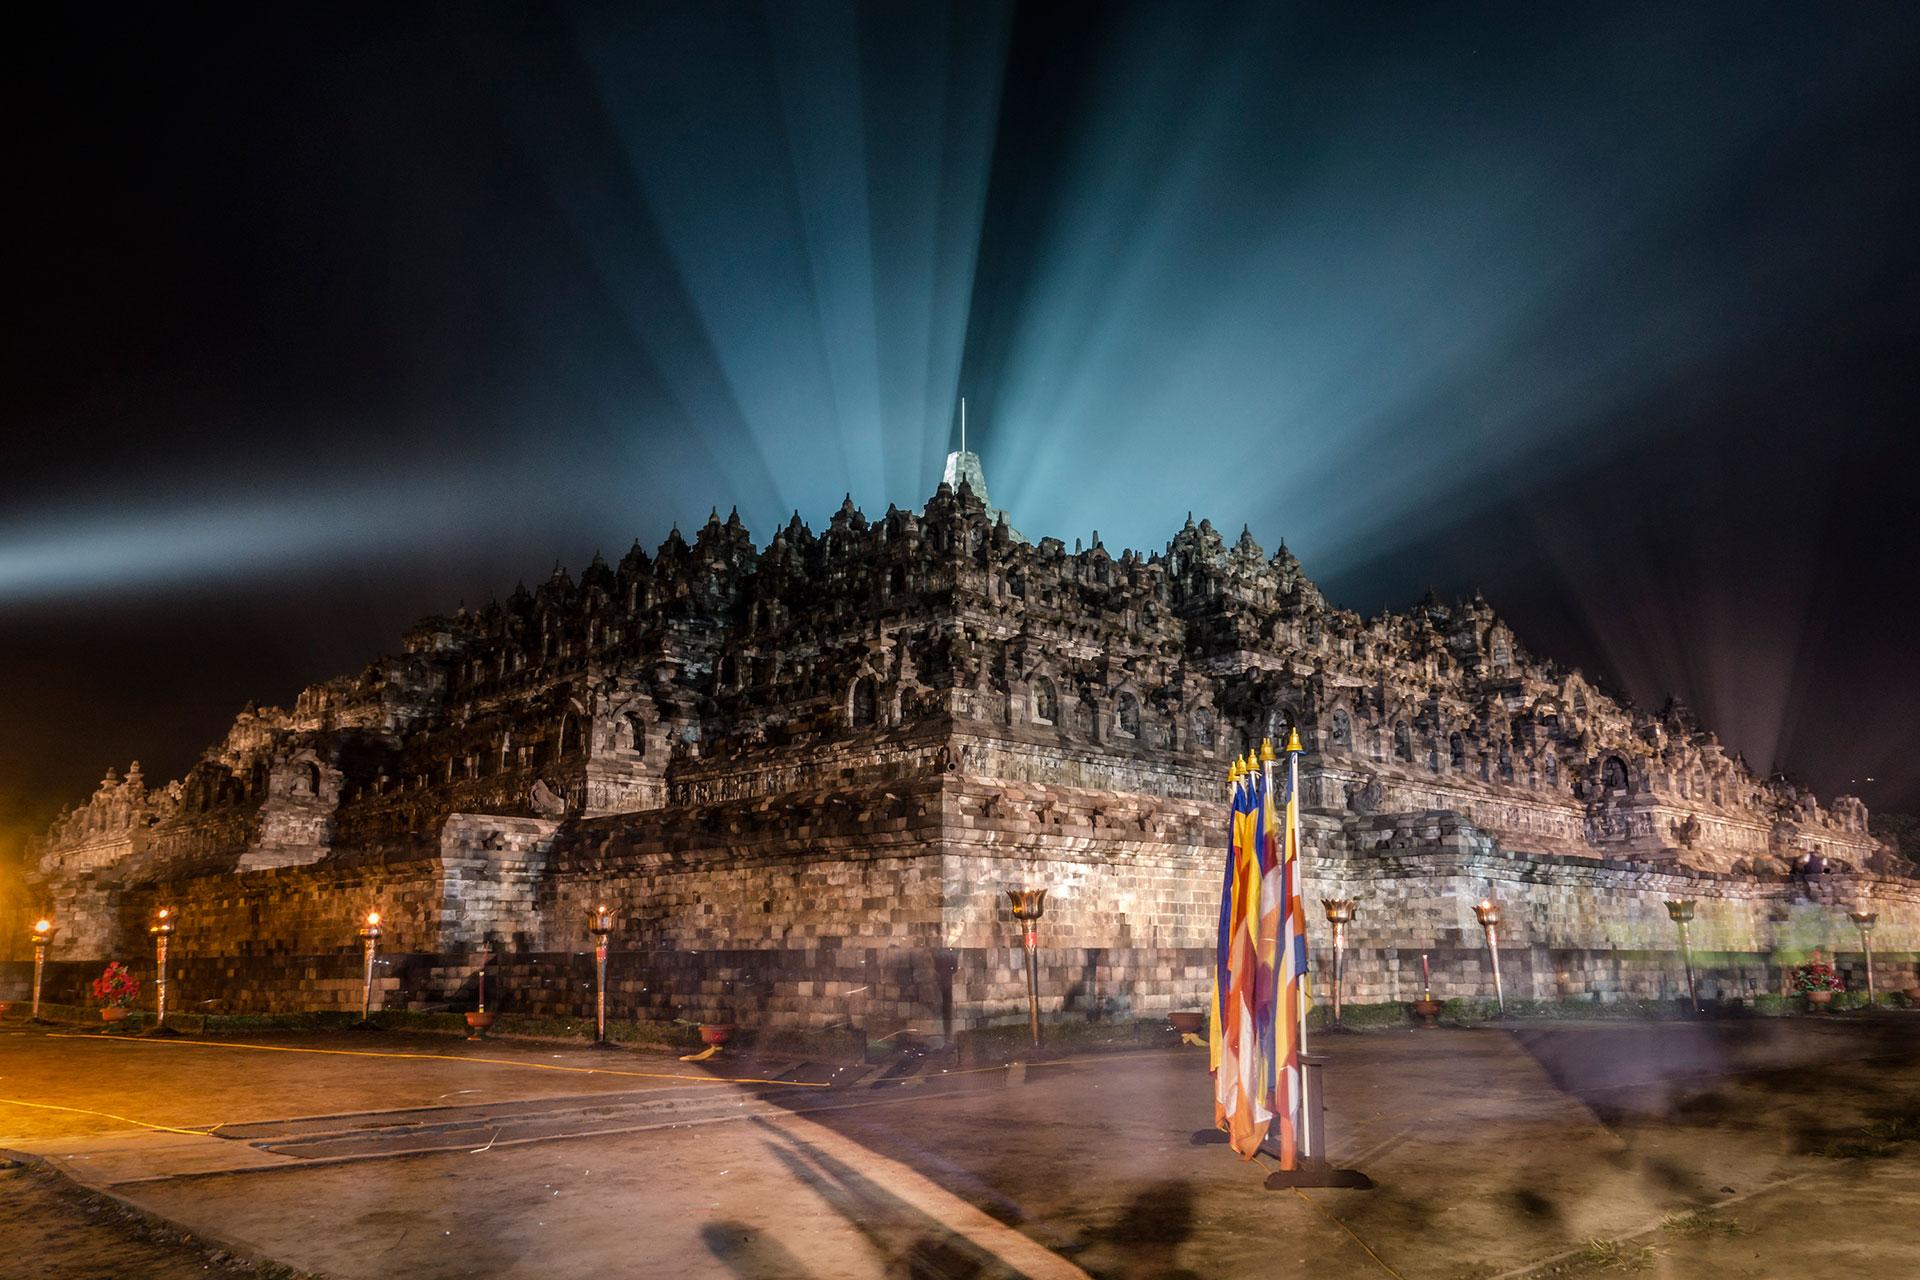 El templo de Borobudur iluminado en Java, Indonesia el 11 de mayo de 2017. (Getty)